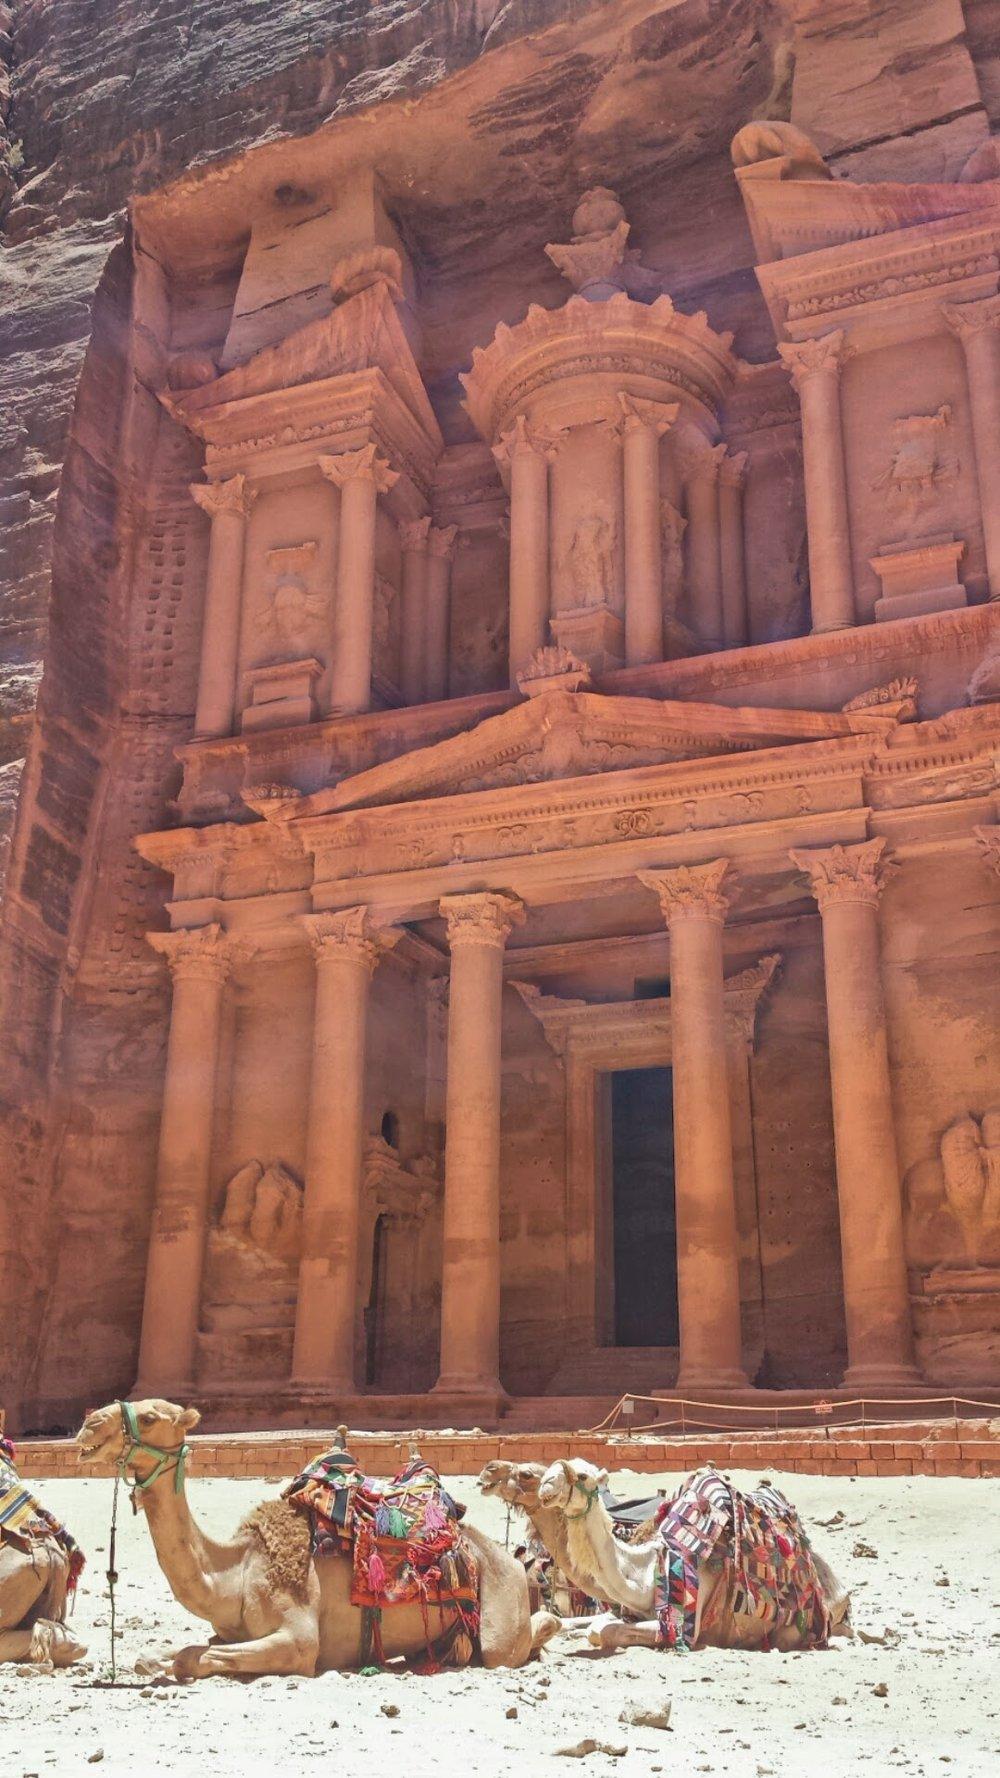 Petra, Jordan, Summer 2014